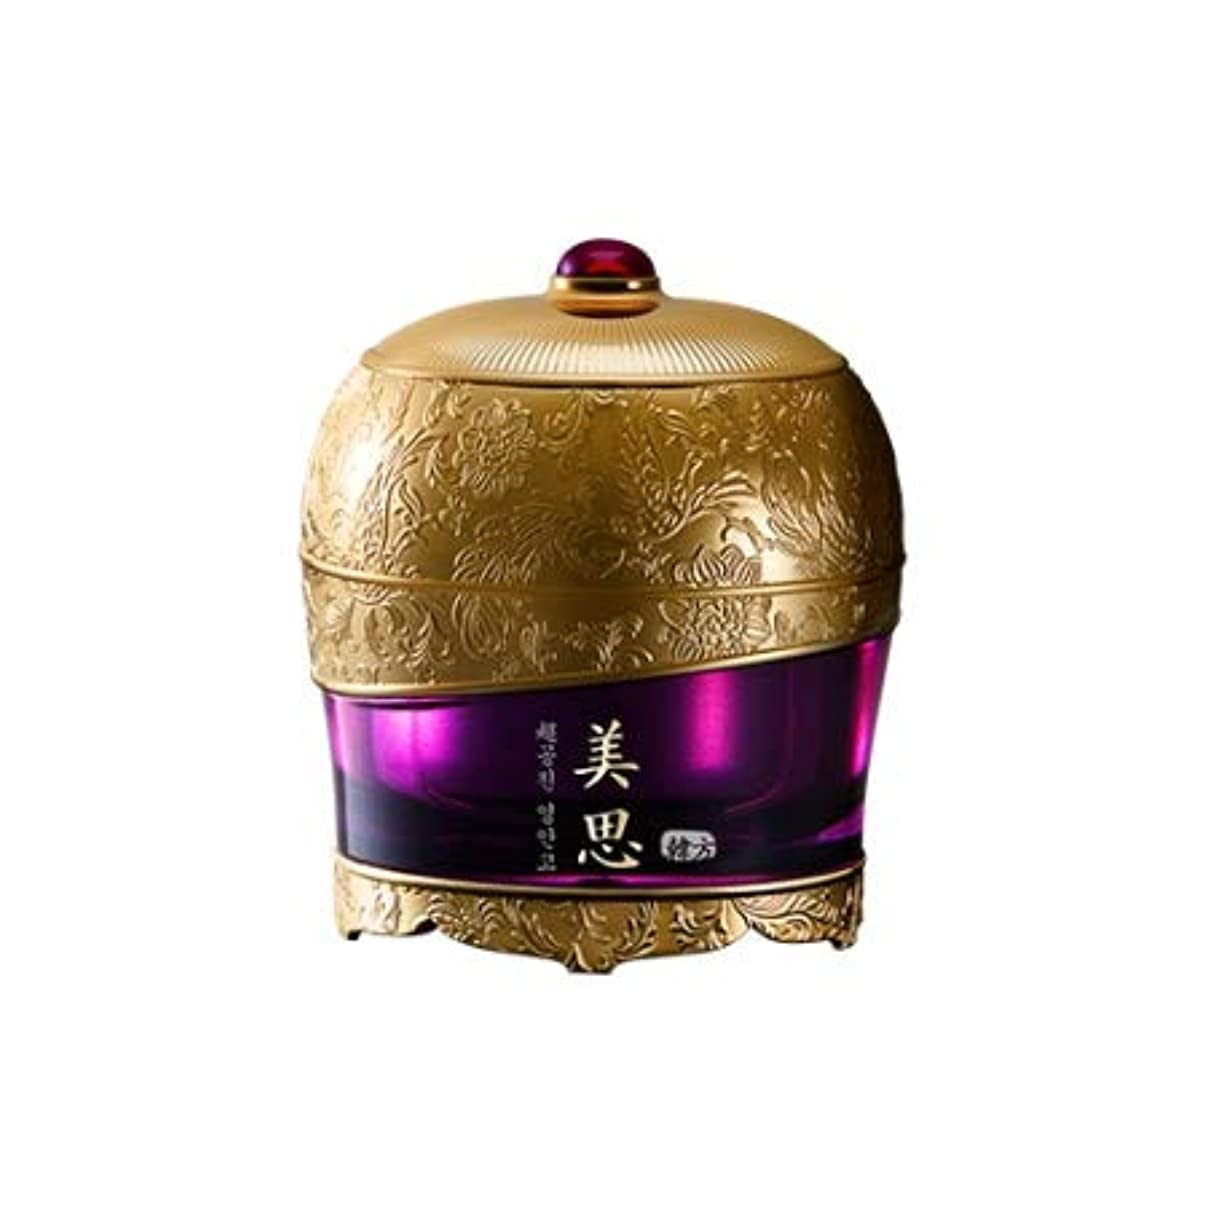 エジプト人傾向がある契約するMISSHA Chogongjin Premium cream ミシャ美思超拱辰(チョゴンジン) 永安膏 クリーム クリーム 60ml [並行輸入品]